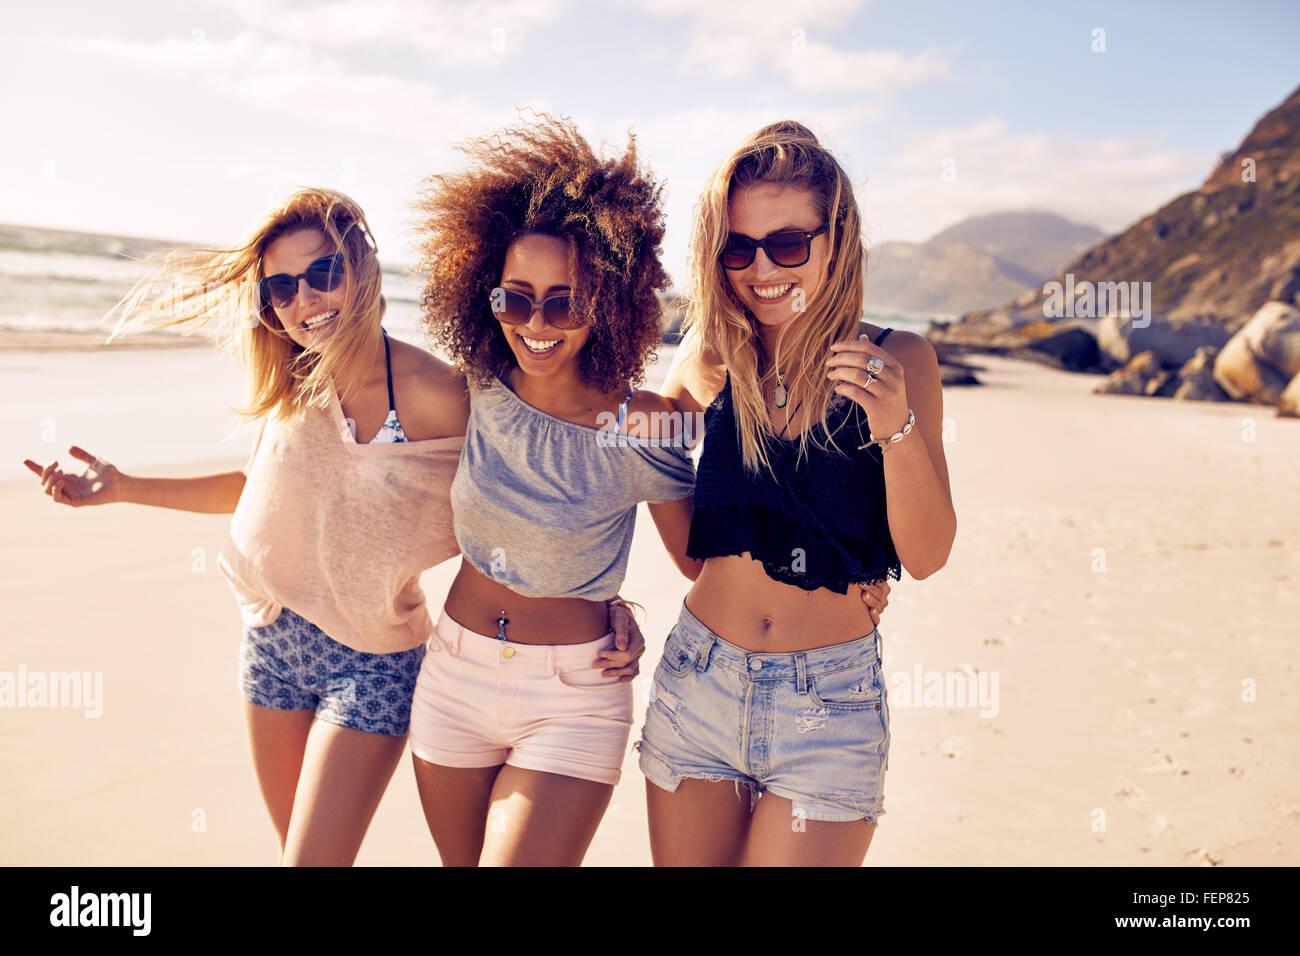 Ritratto di tre giovani amici di sesso femminile a camminare sulla riva del mare guardando la fotocamera a ridere. Immagini Stock